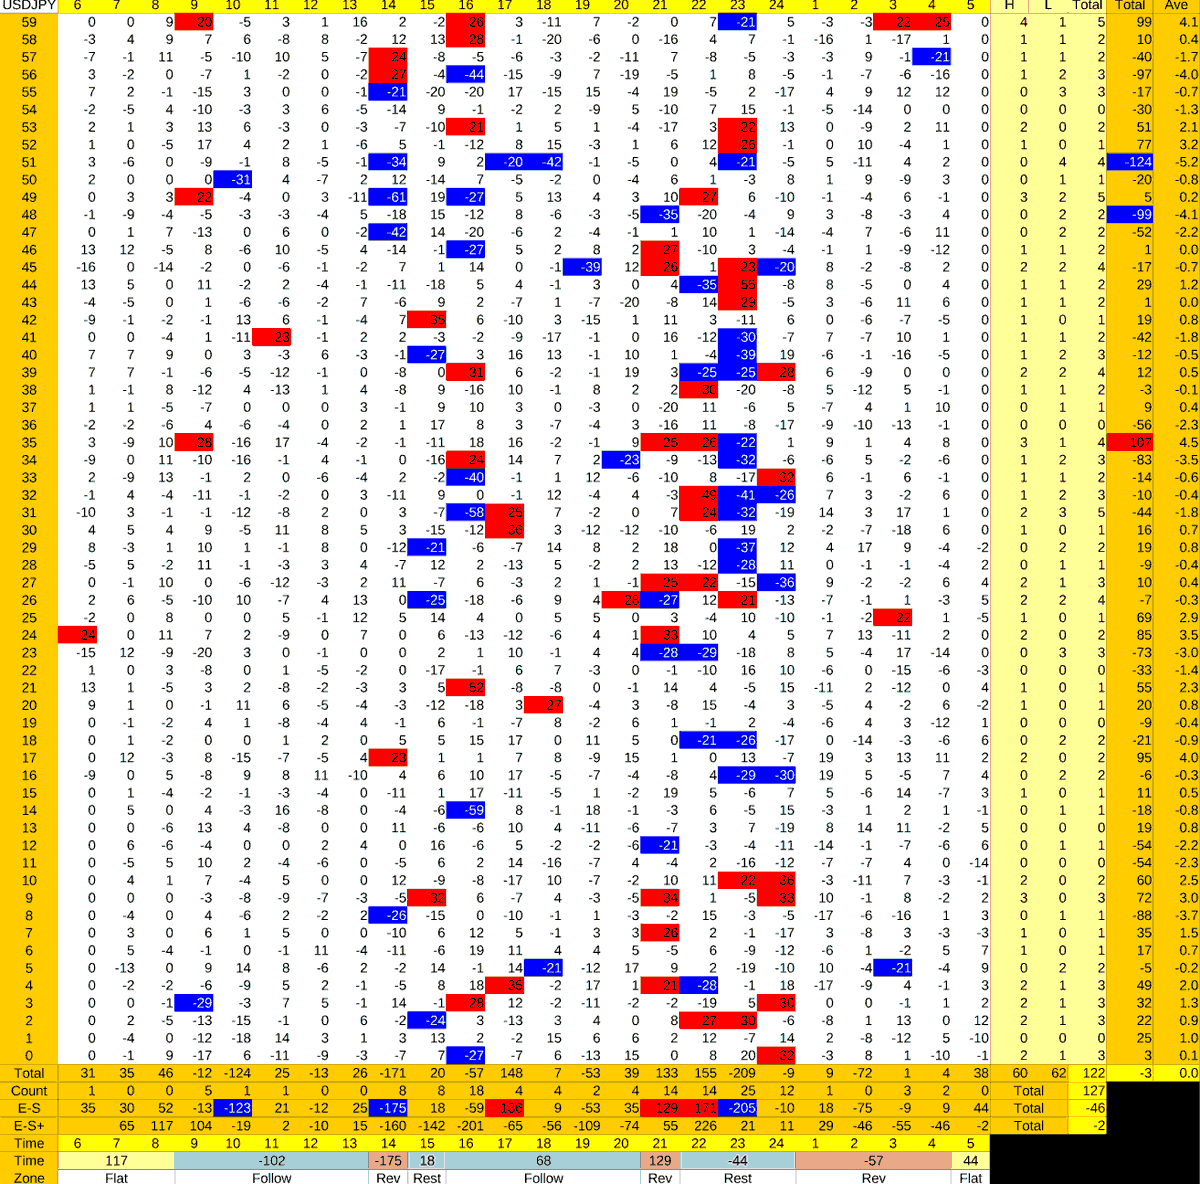 20210618_HS(1)USDJPY